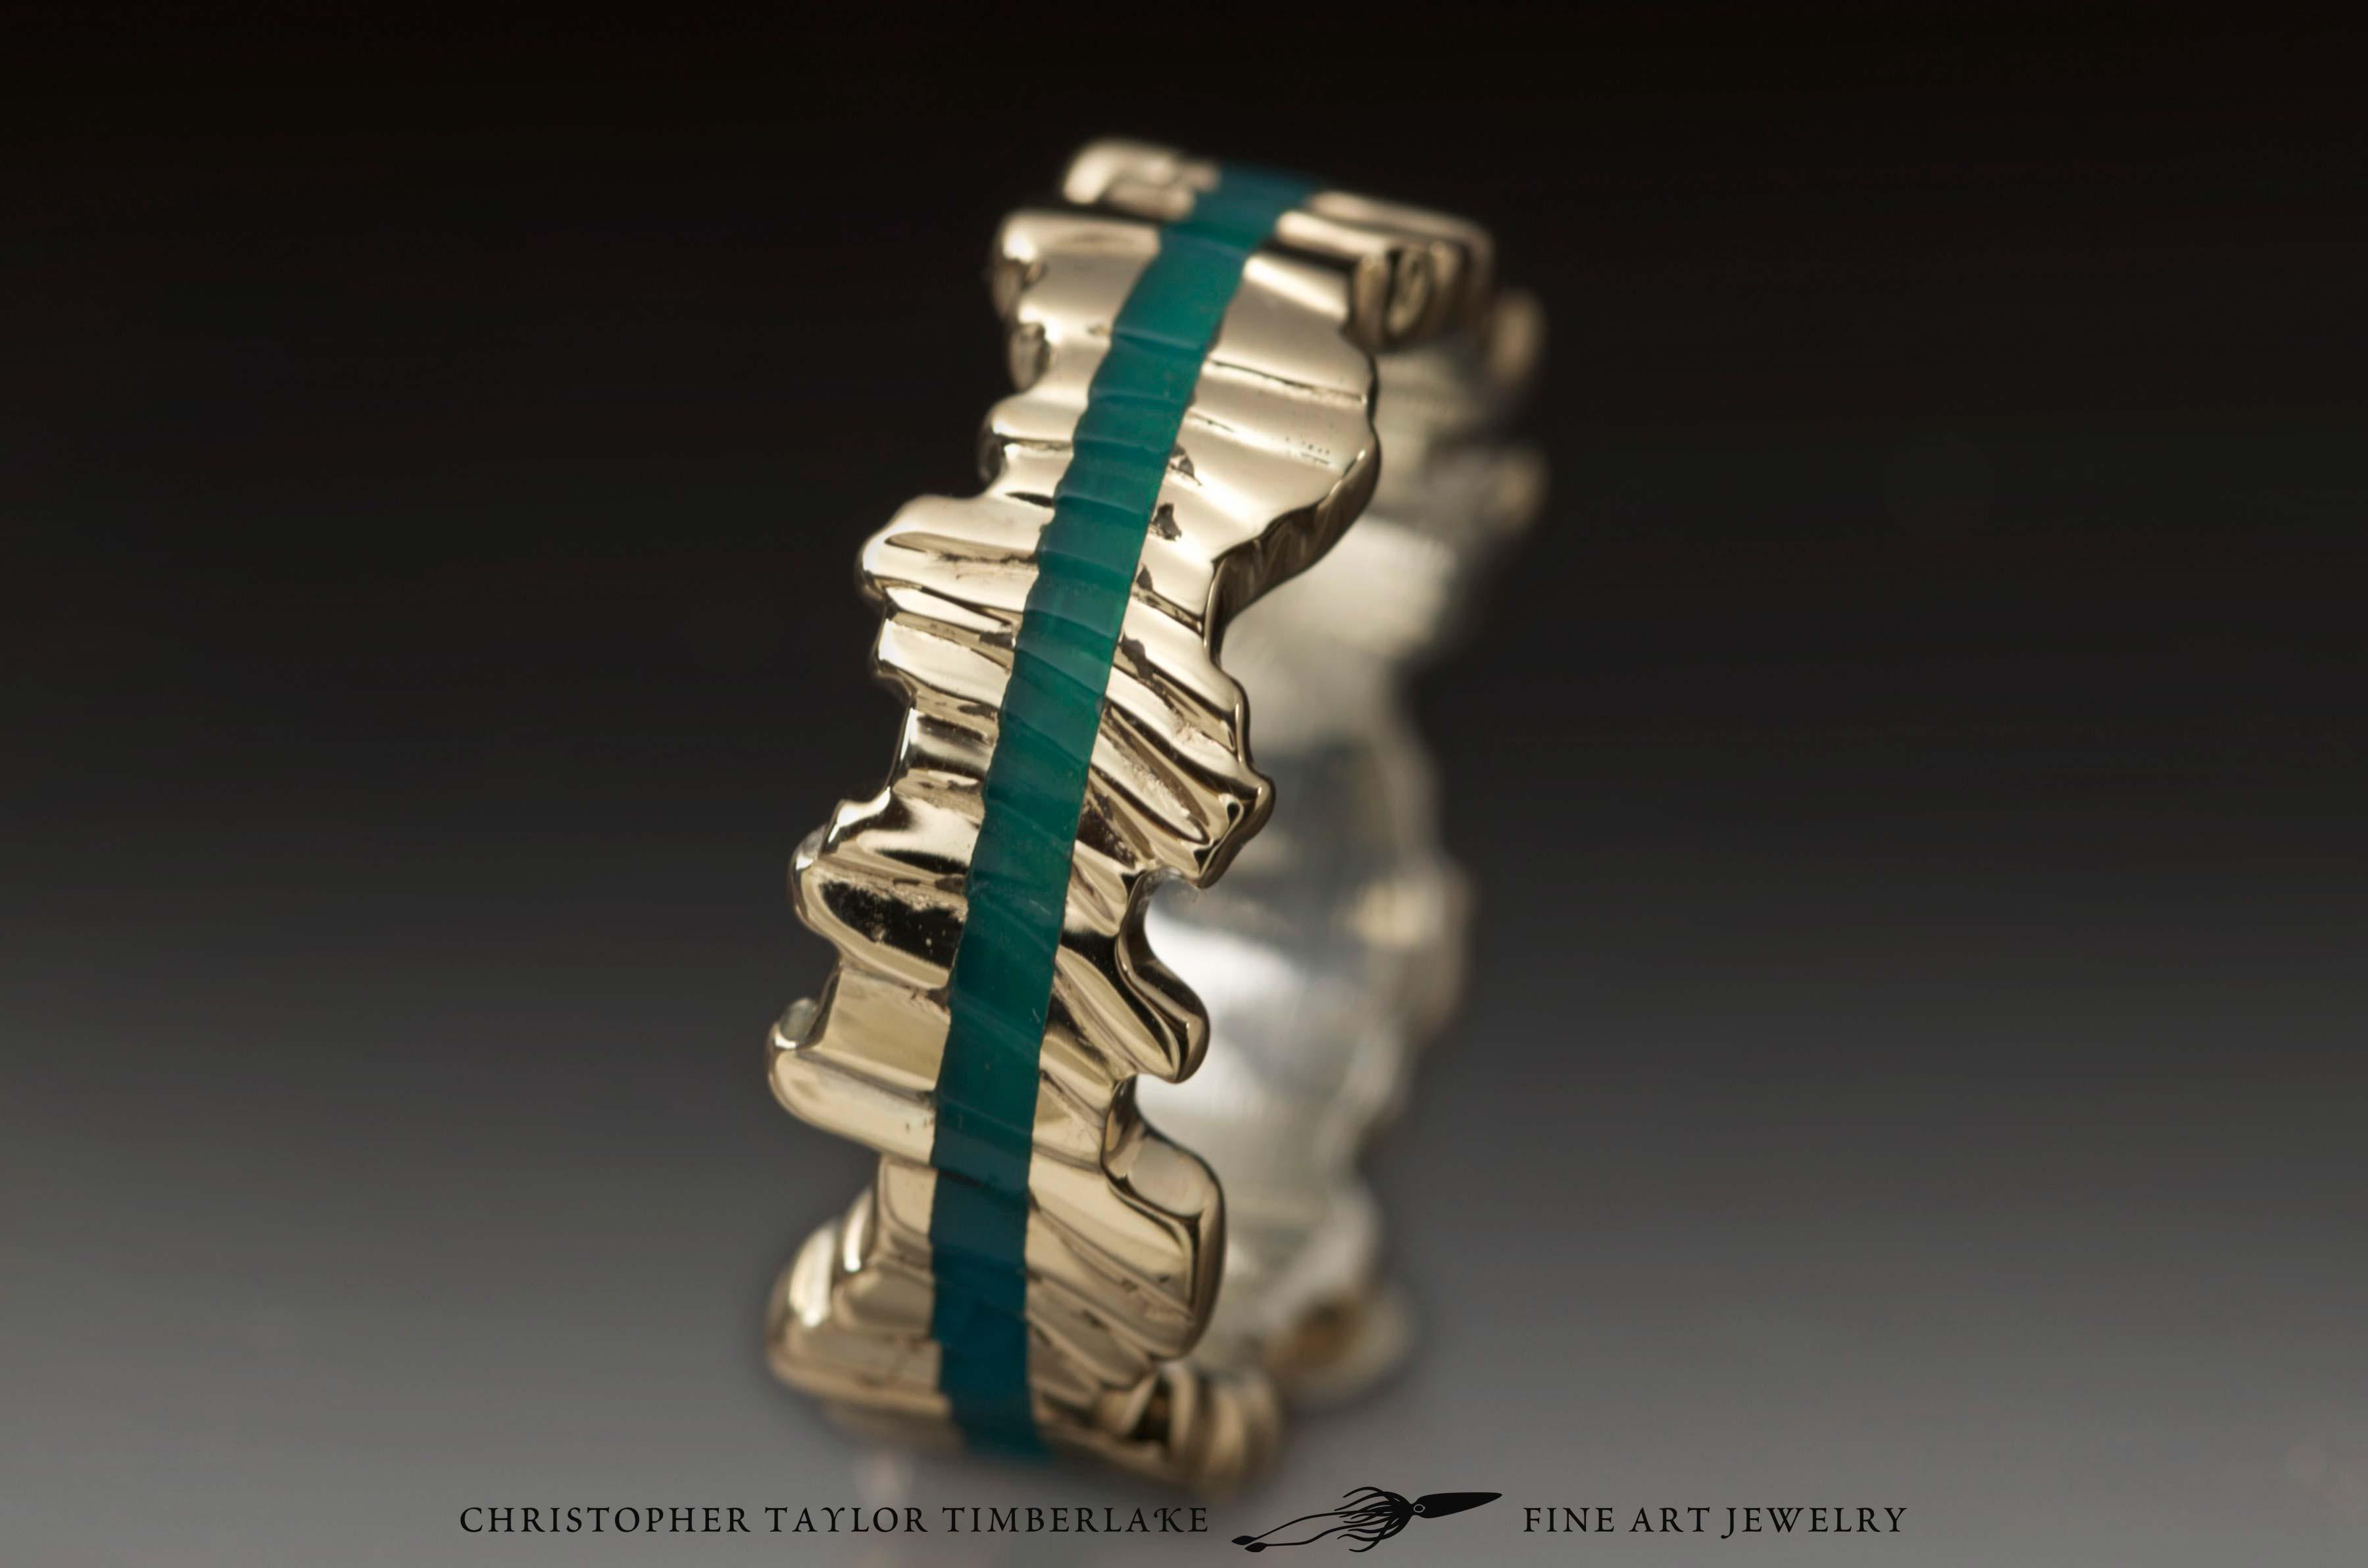 cuttlefish-gold-w-gem-silica-3